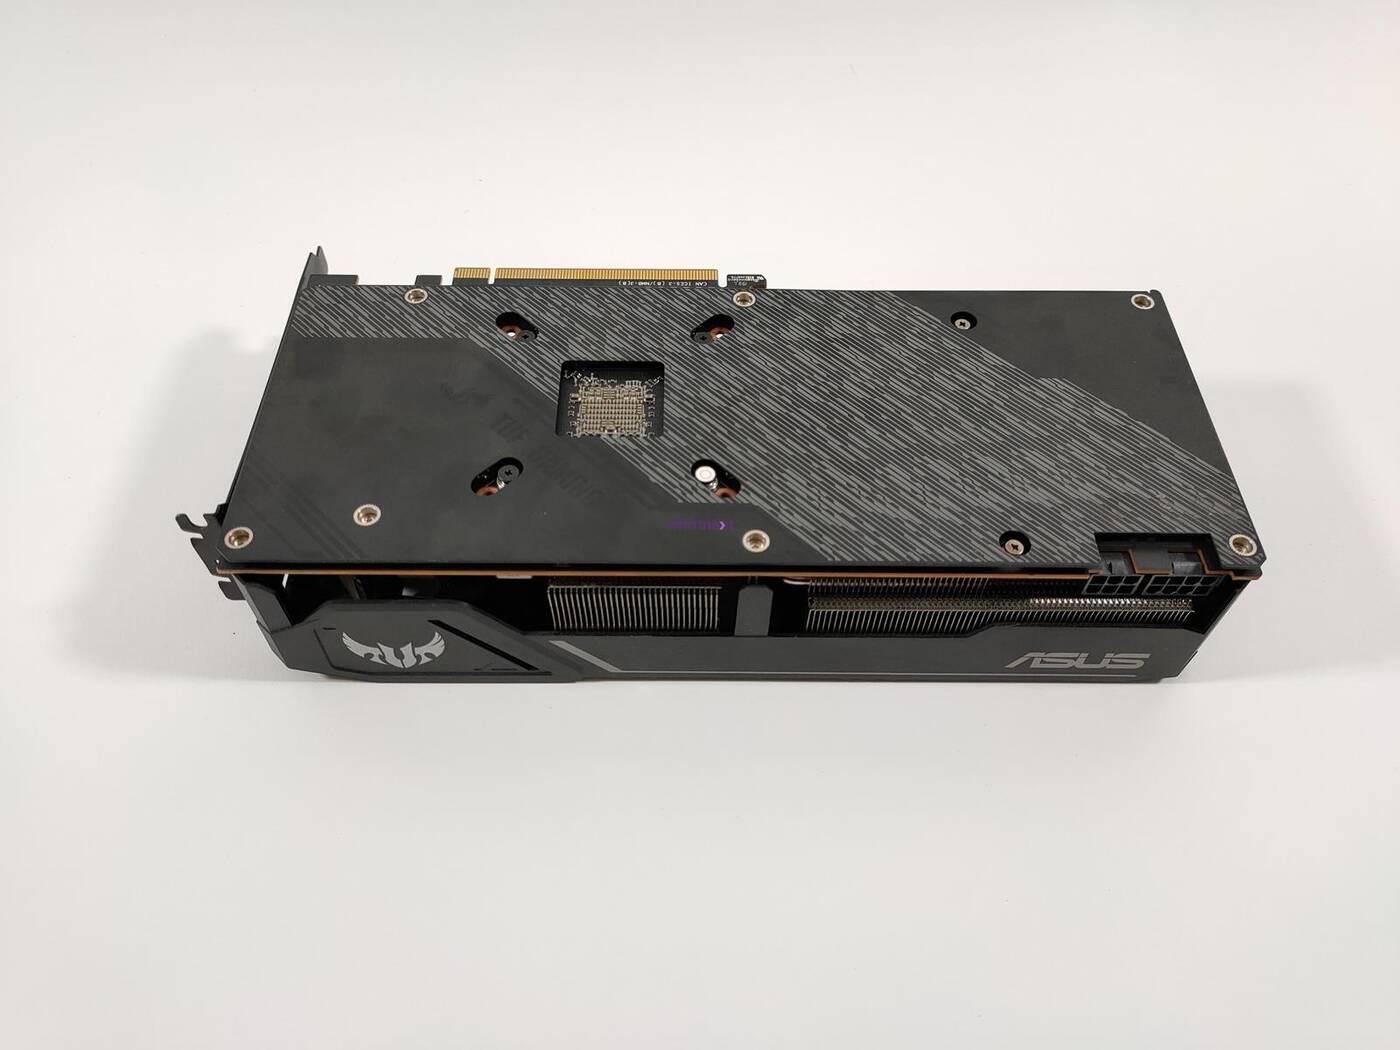 test ASUS Radeon RX 5700 TUF OC, recenzja ASUS Radeon RX 5700 TUF OC, review ASUS Radeon RX 5700 TUF OC, opinia ASUS Radeon RX 5700 TUF OC